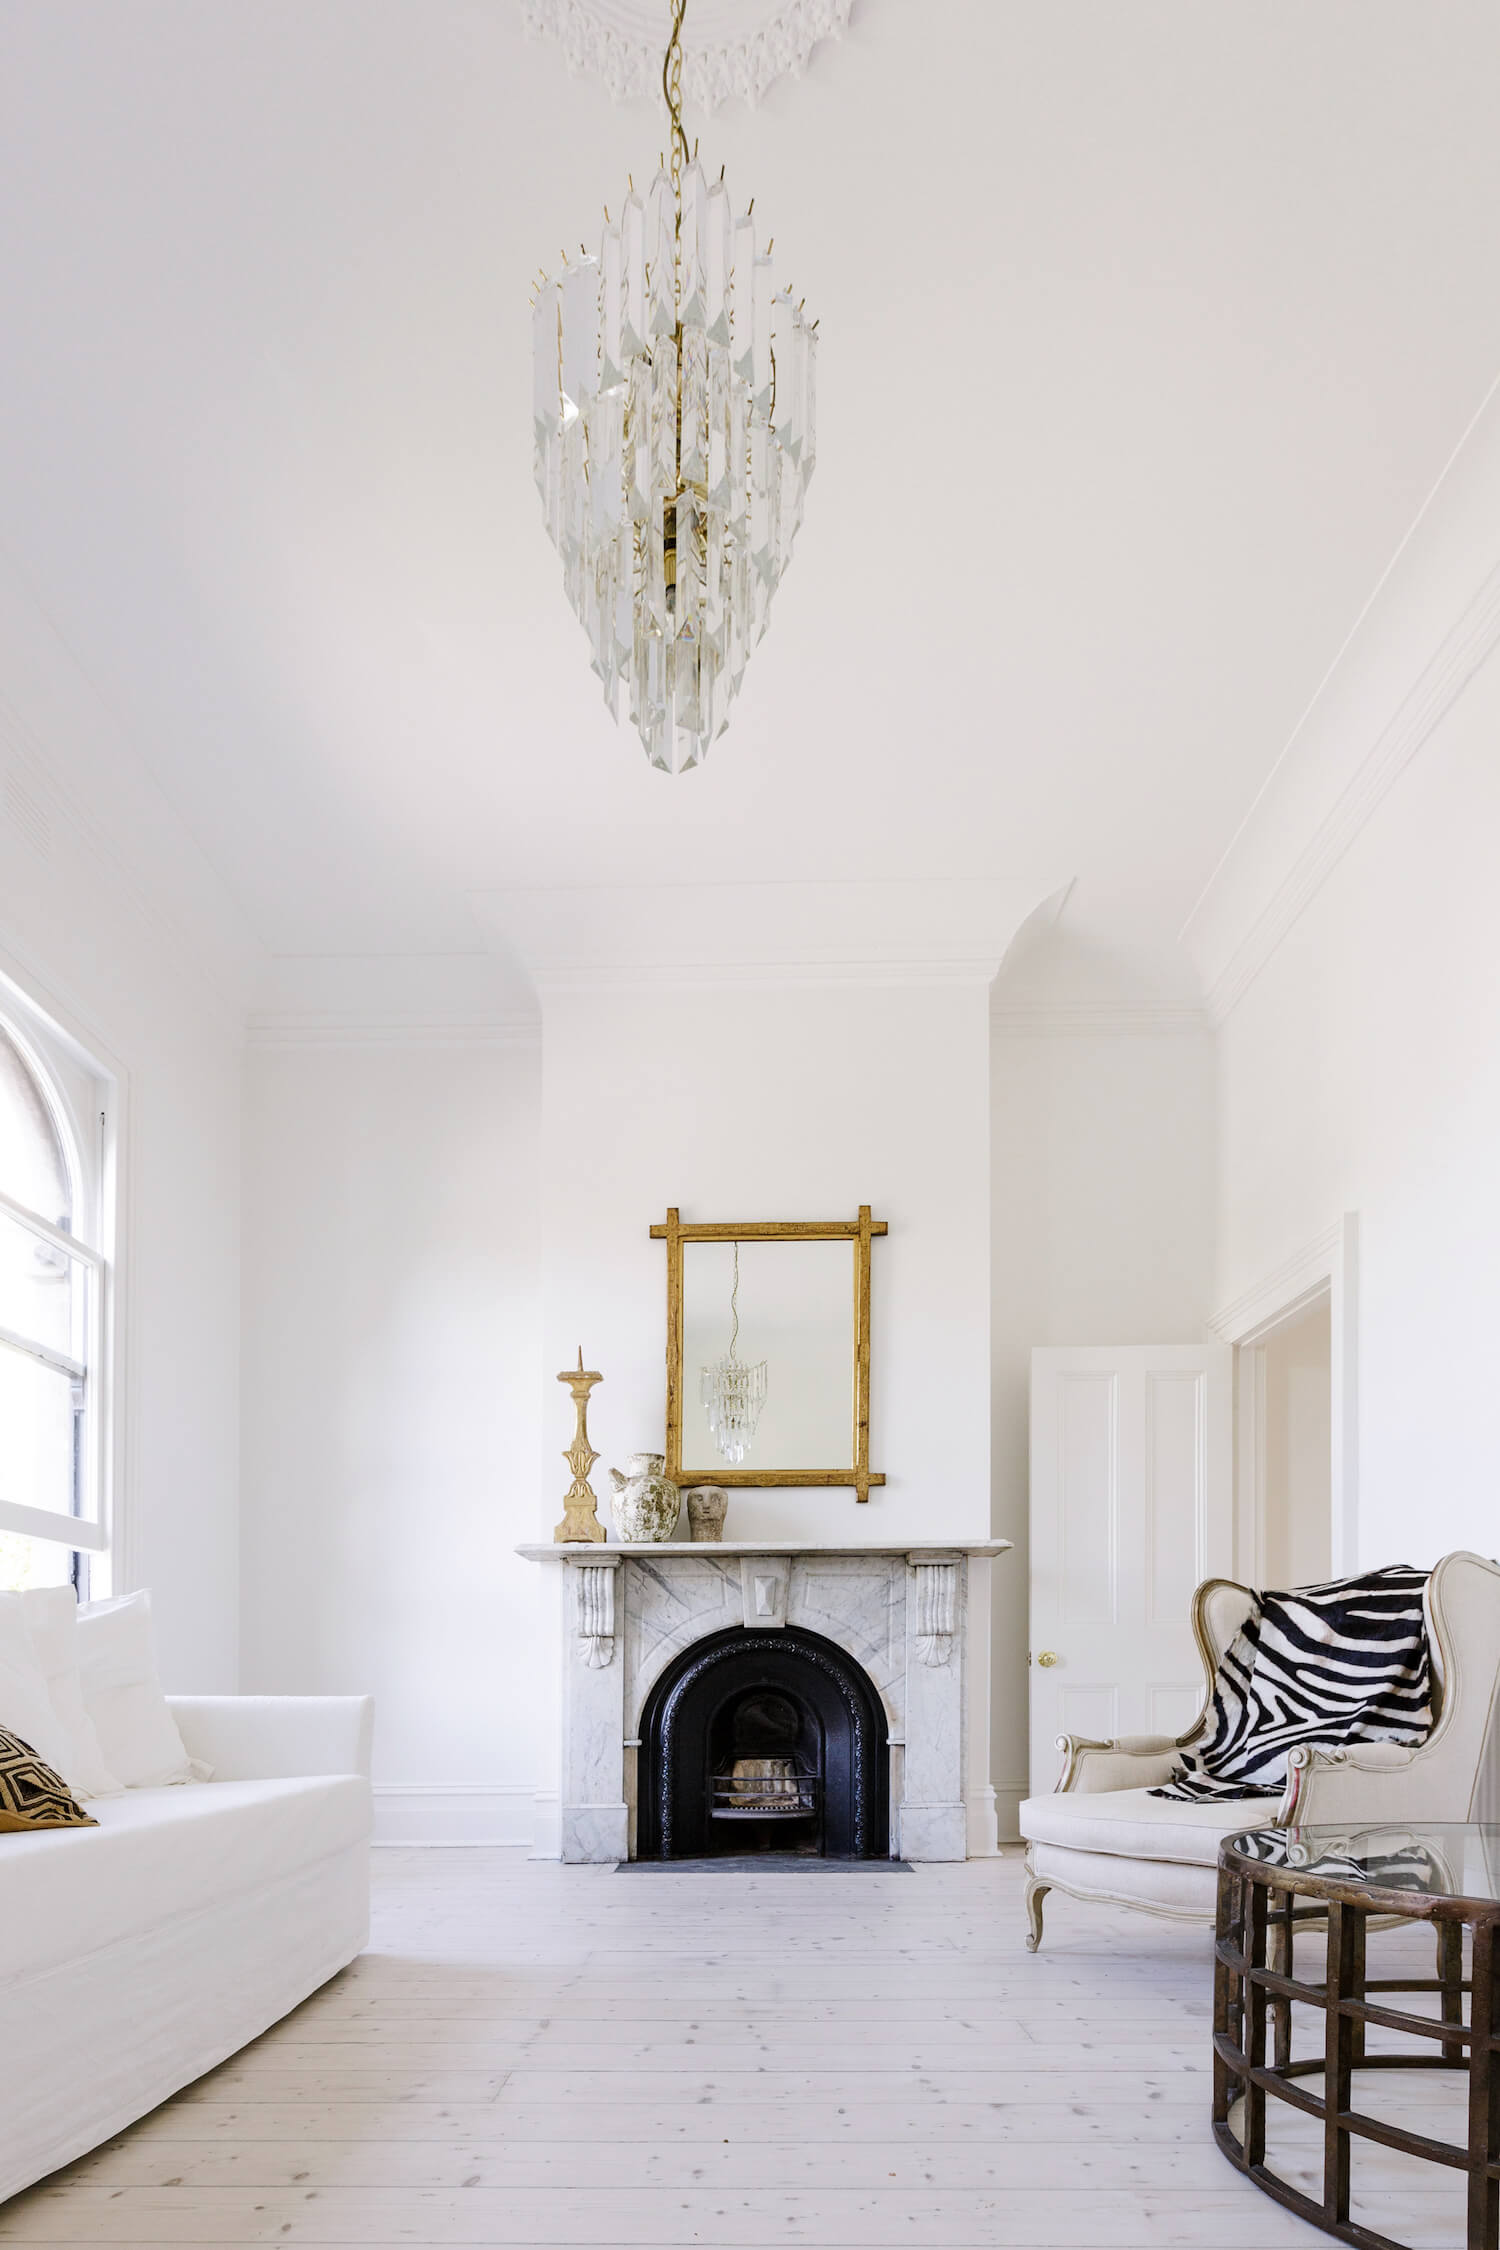 est living interiors storie south melbourne 1